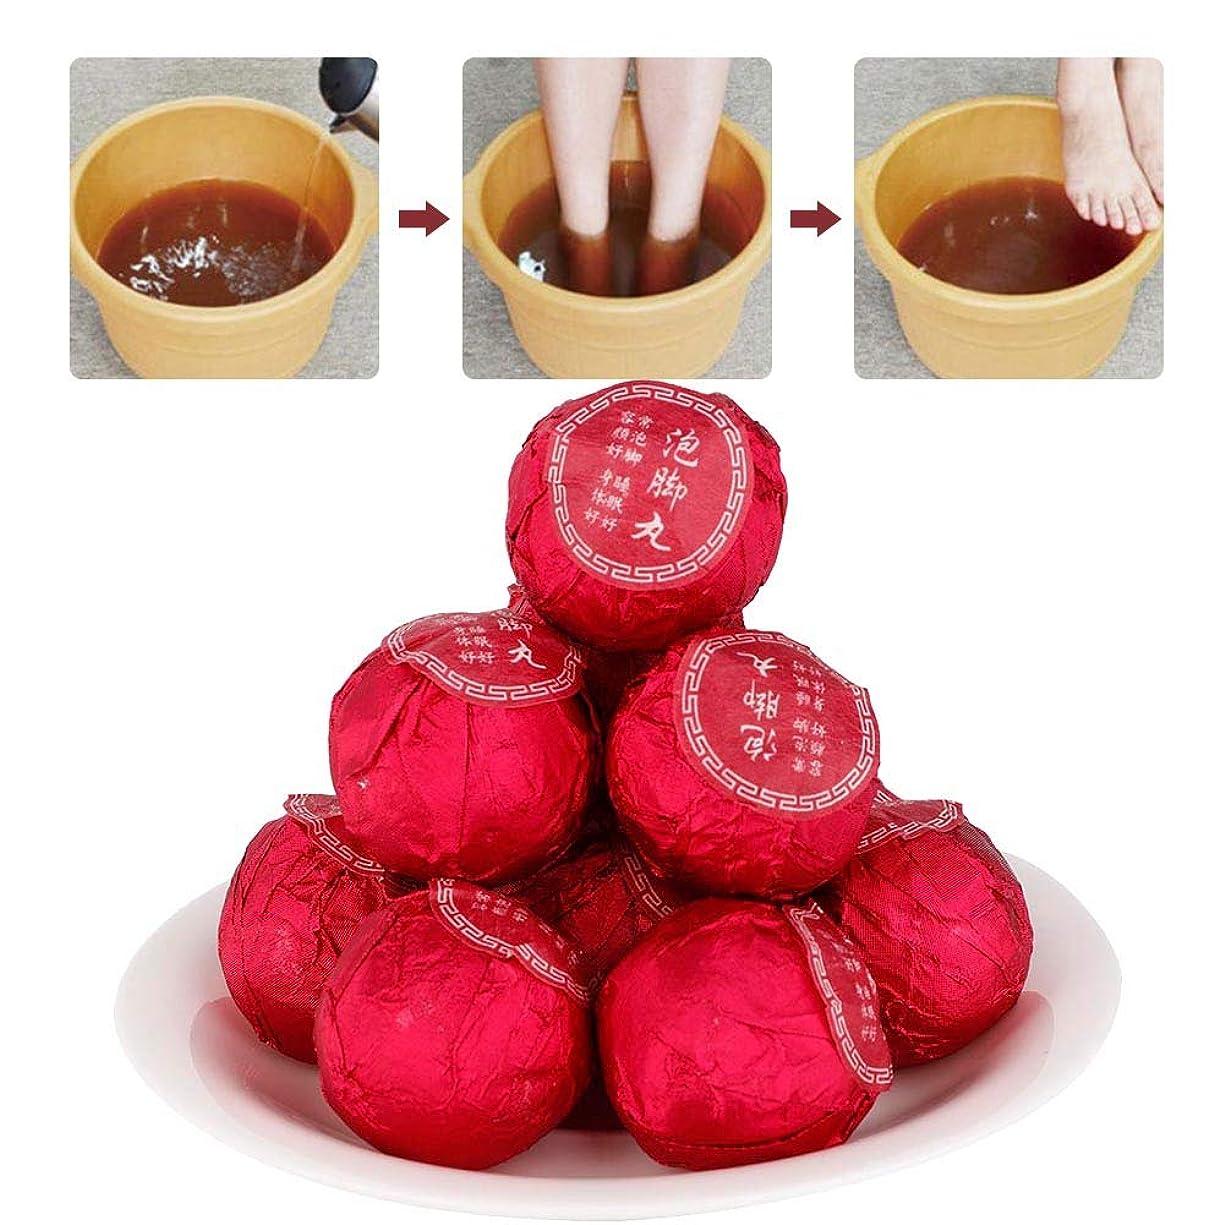 パケット餌バルクQinlorgoは、月経困難症フットケアバスソークピルを軽減します